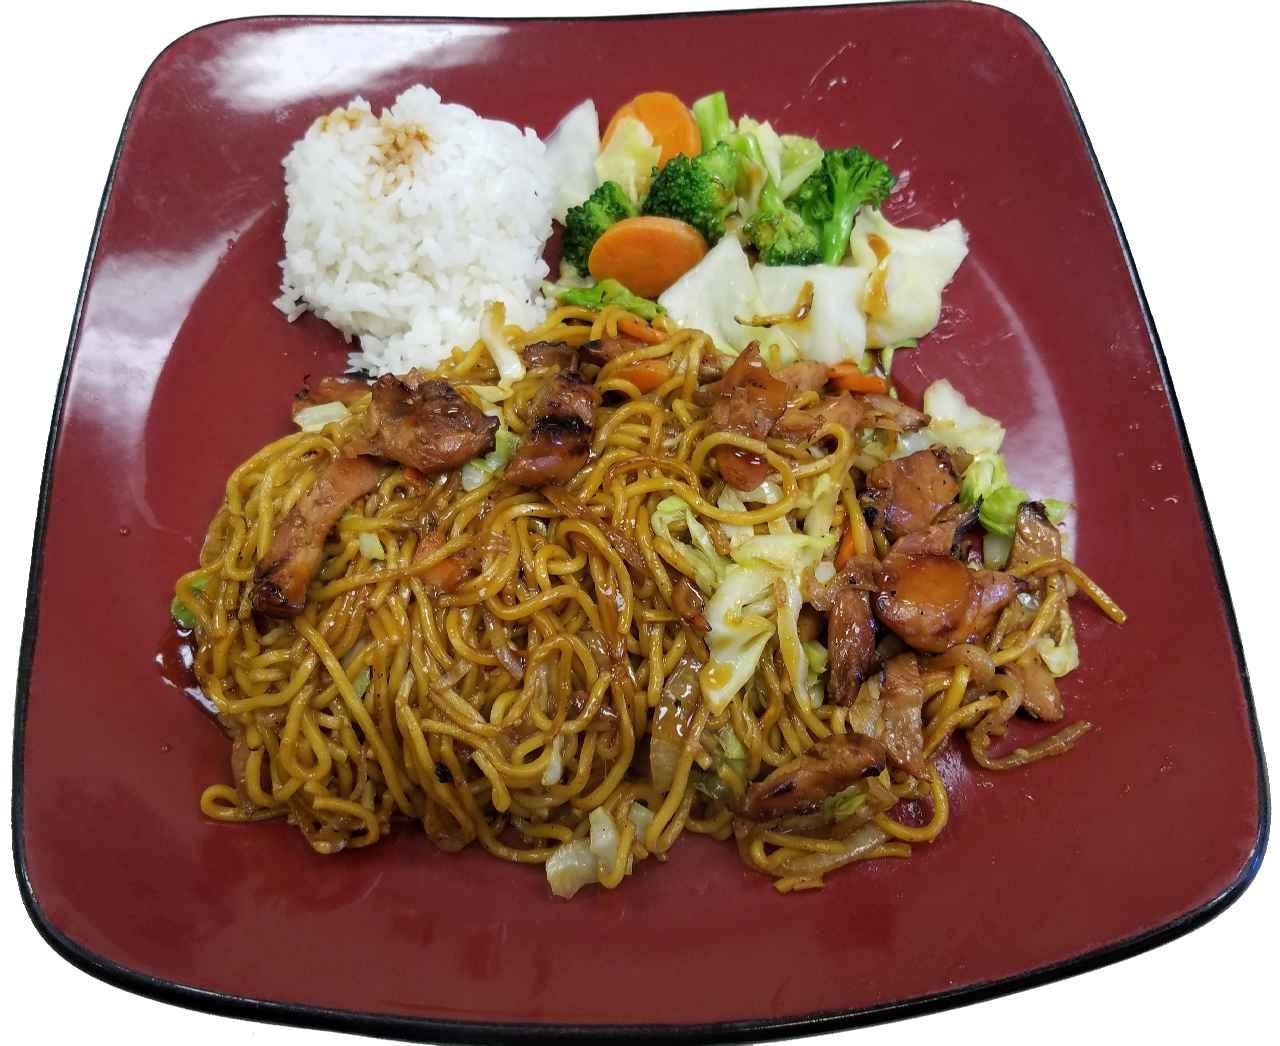 92. Lunch Special – Chicken Veggie Yakisoba